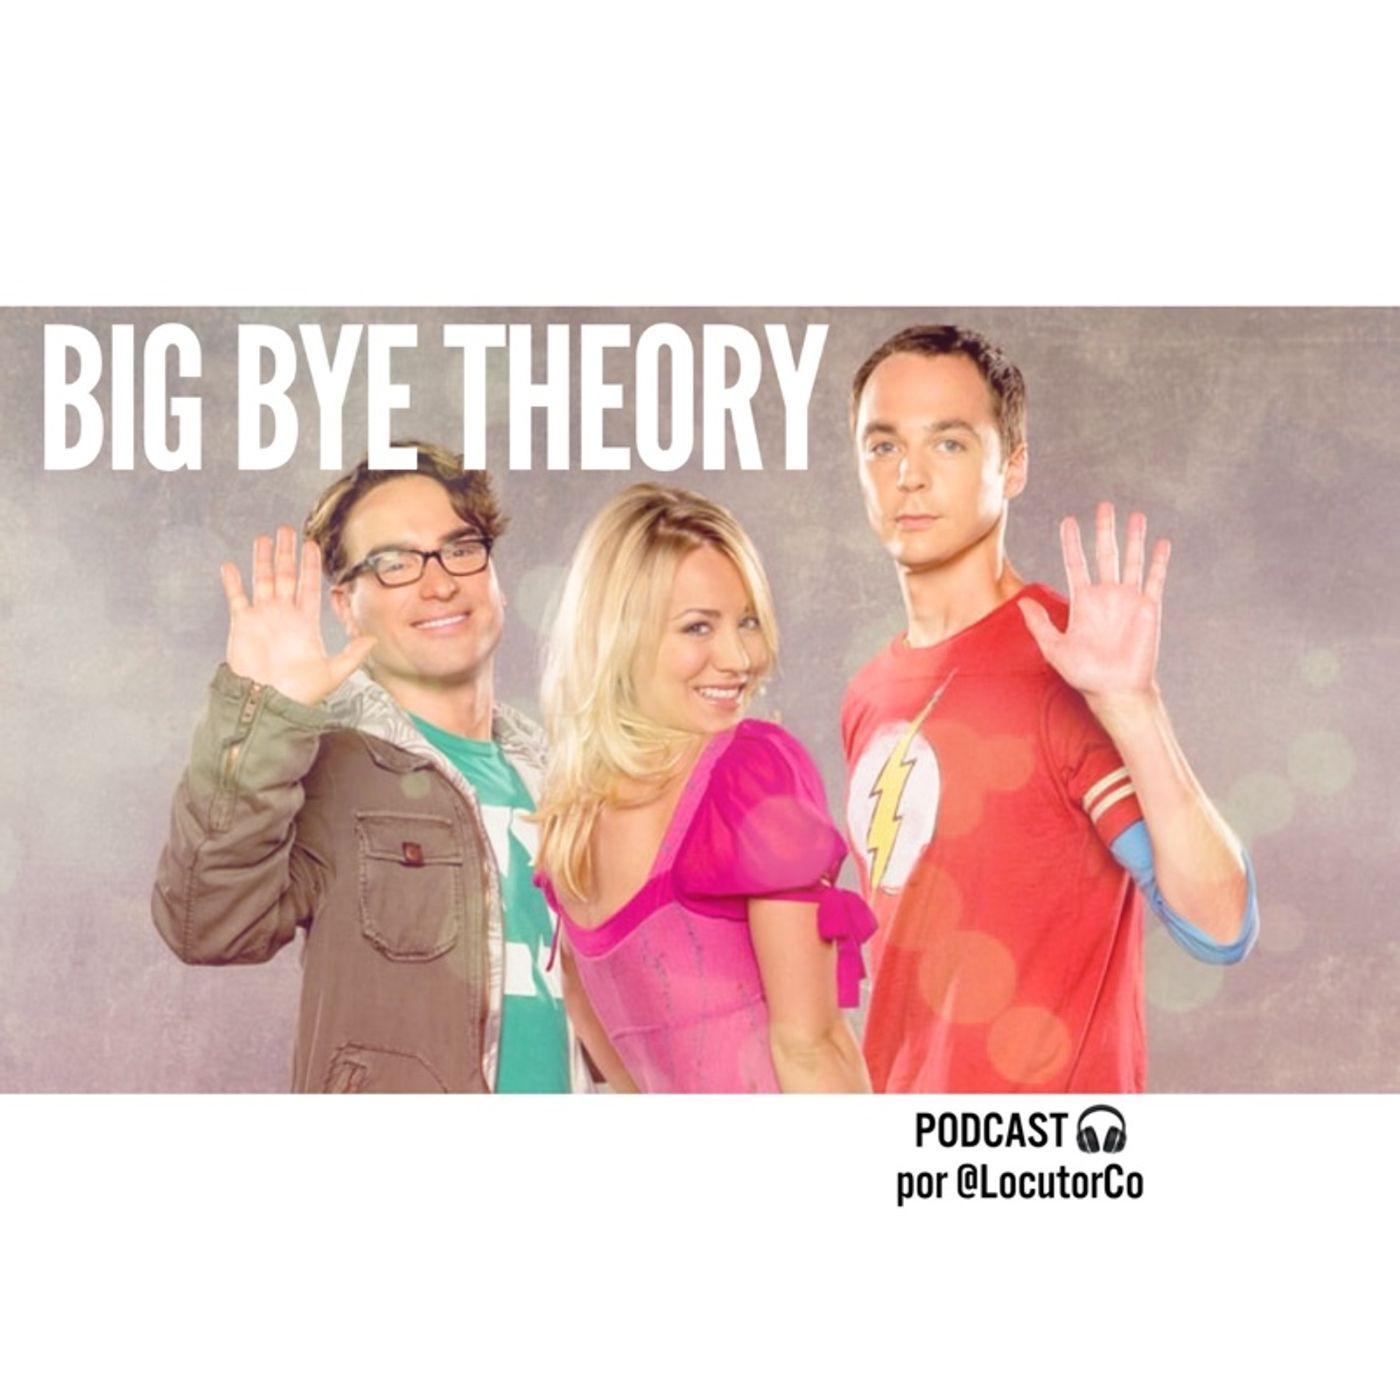 Big Bye Theory: la próxima temporada es la última